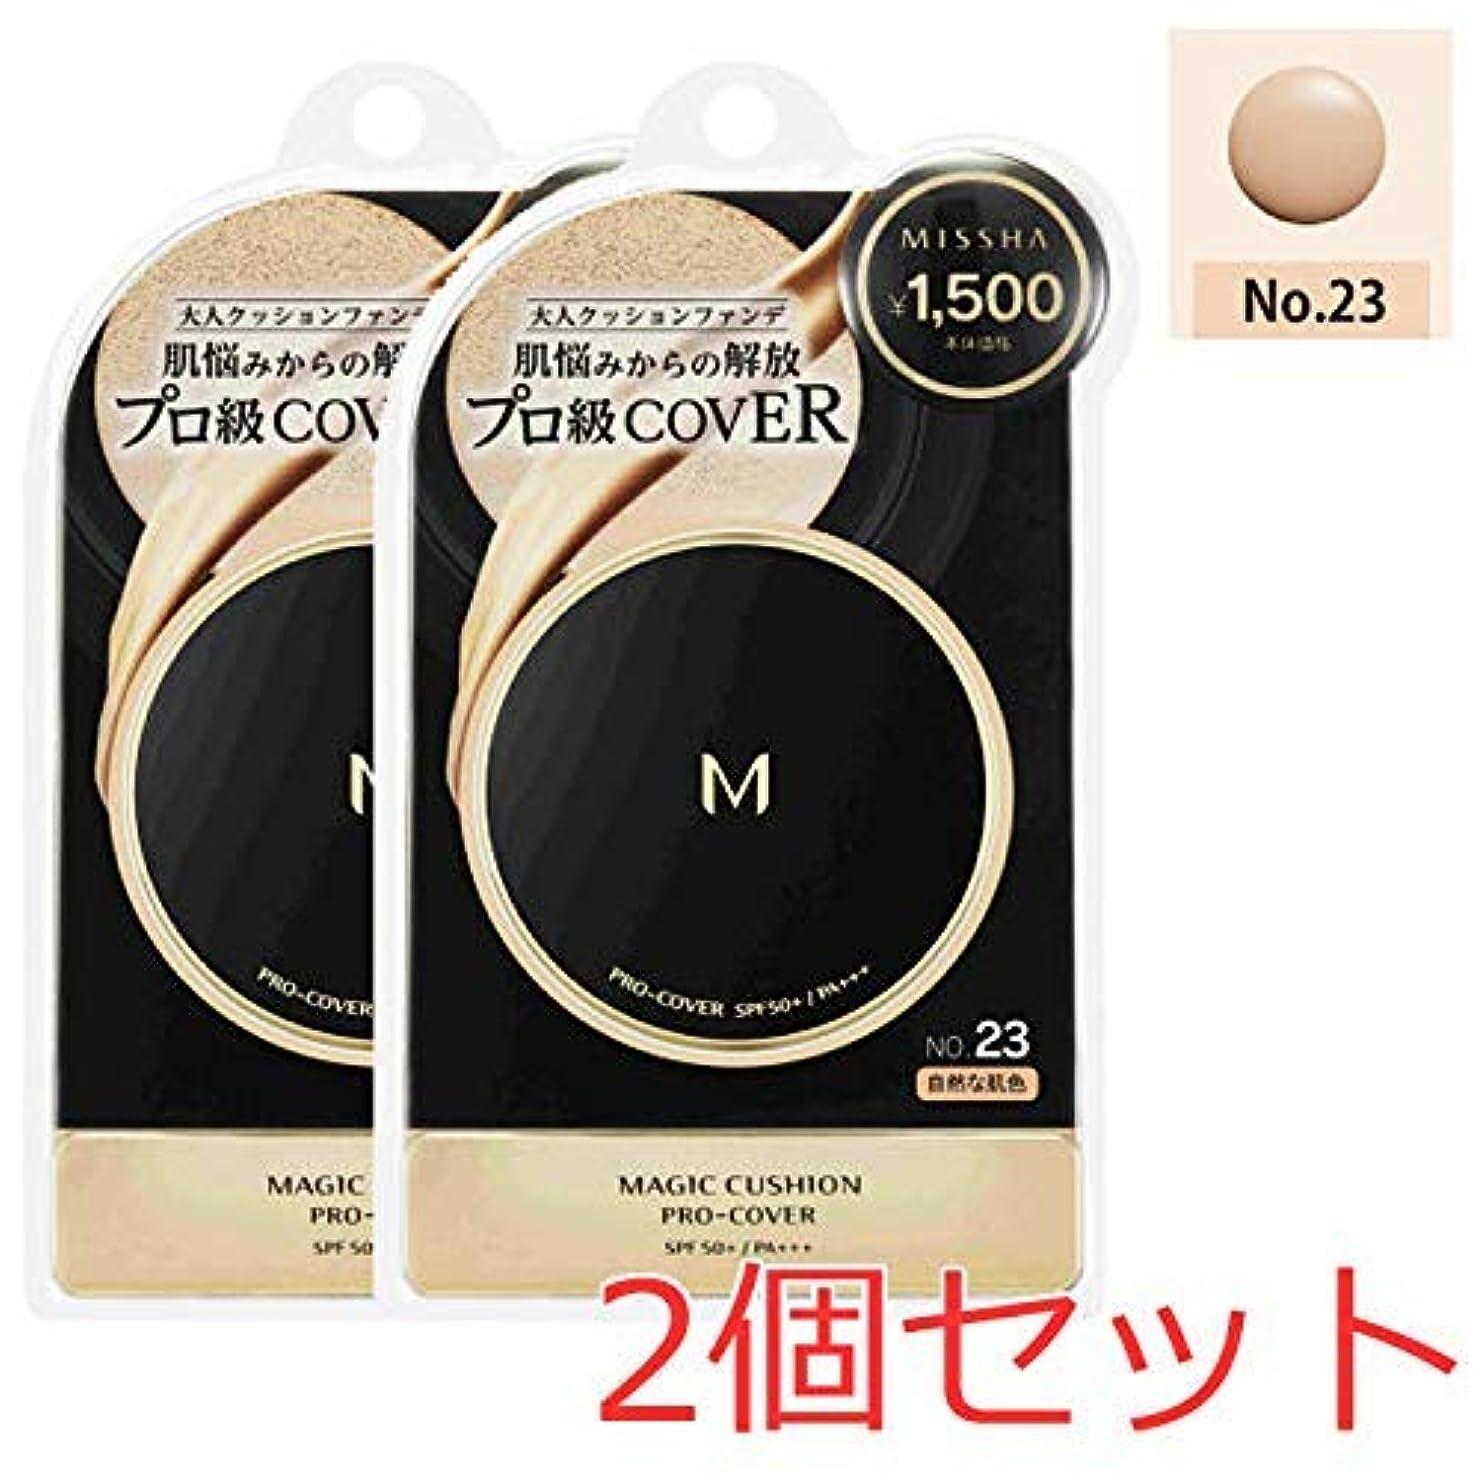 ミシャ MISSHA M クッションファンデーション(プロカバー) No.23 15g 2個セット